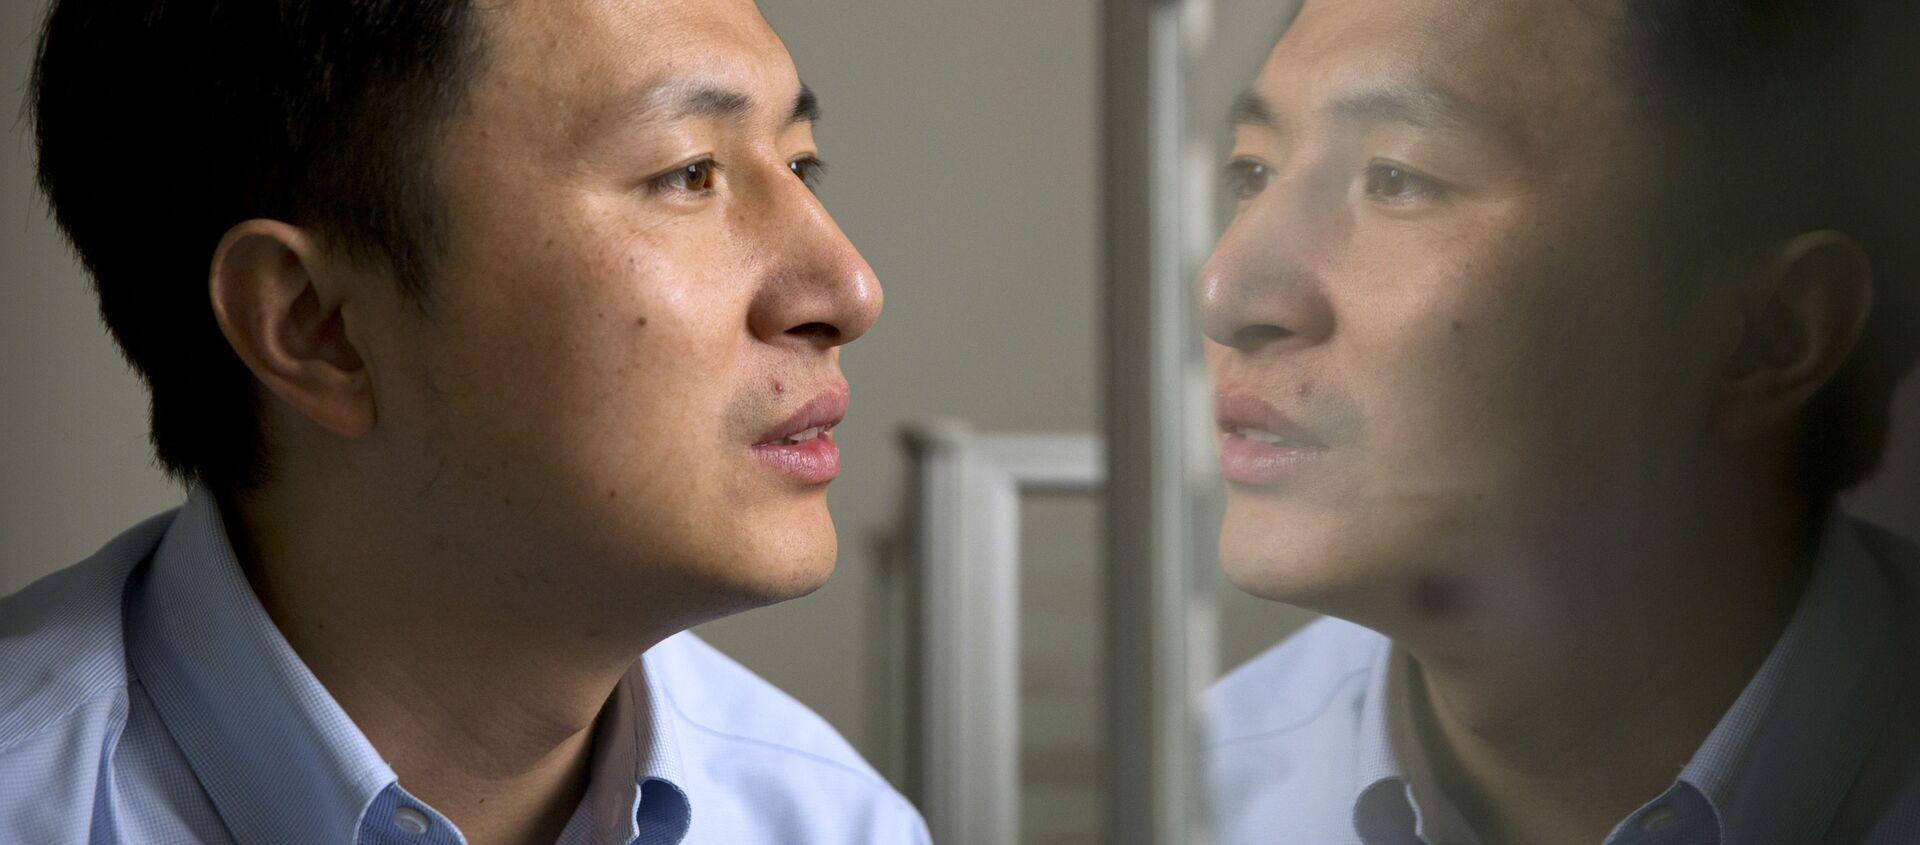 Nhà khoa học Trung Quốc He Jiankui, người đã giúp tạo ra những người đầu tiên trên thế giới có gen biến đổi nhân tạo - Sputnik Việt Nam, 1920, 30.12.2019